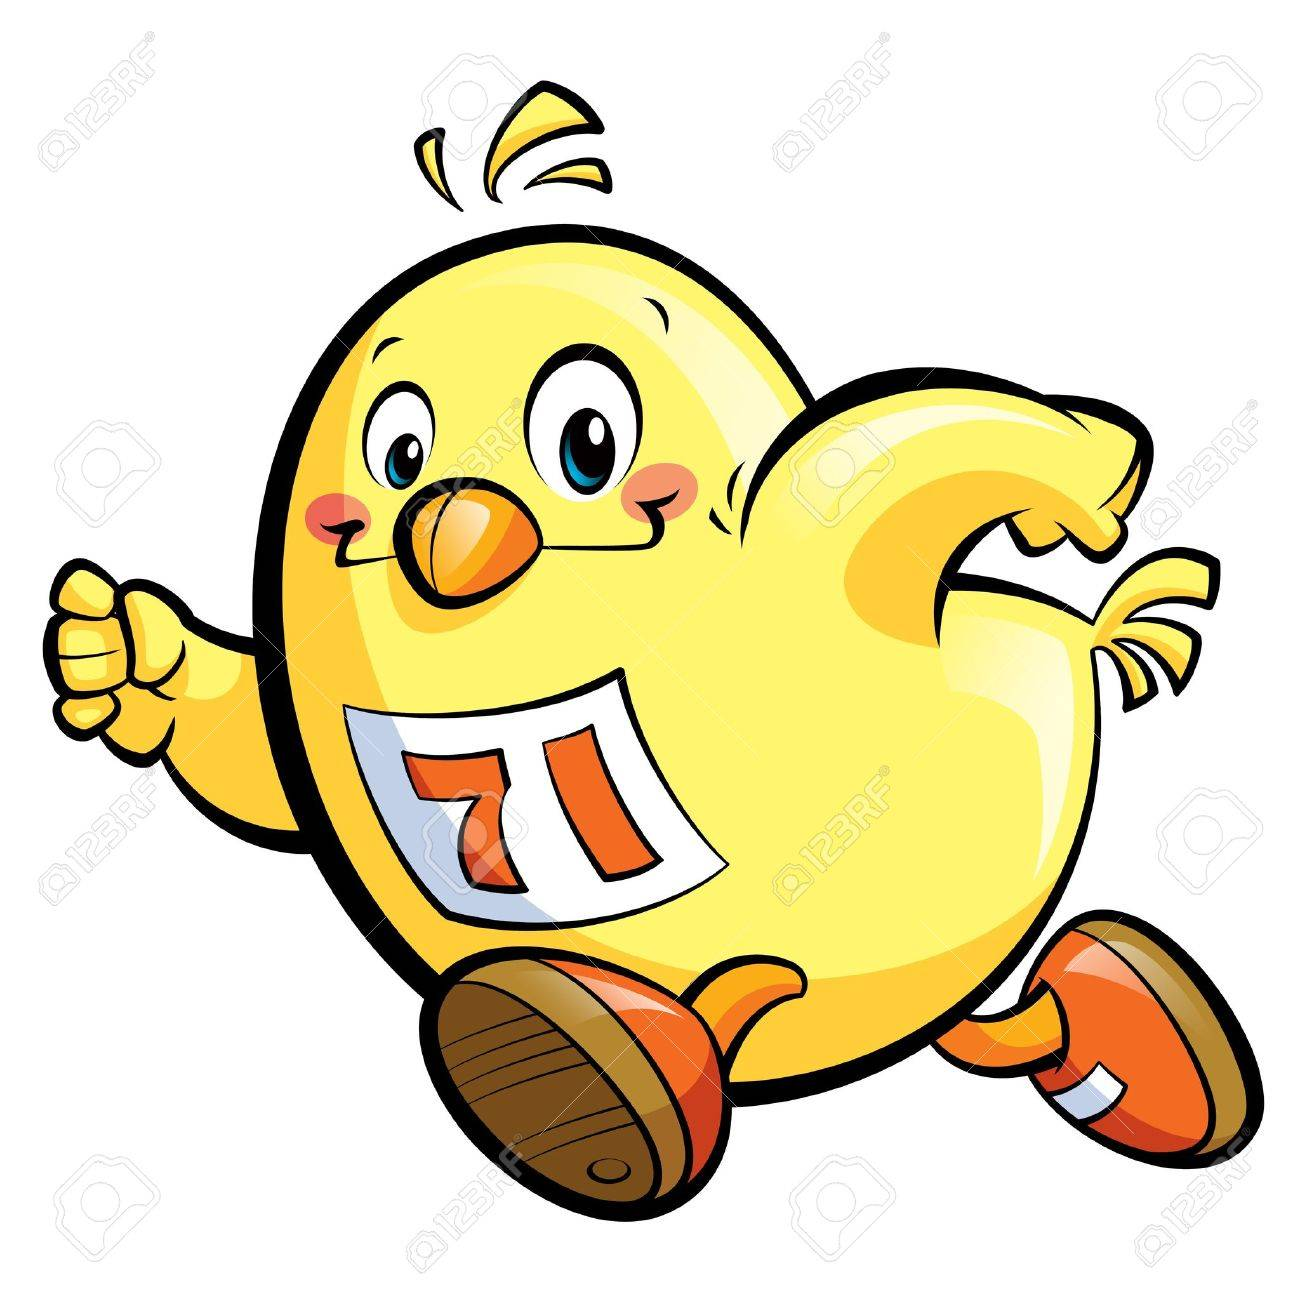 Pollo Amarillo Lindo De Dibujos Animados Corriendo Rápido Fotos ...